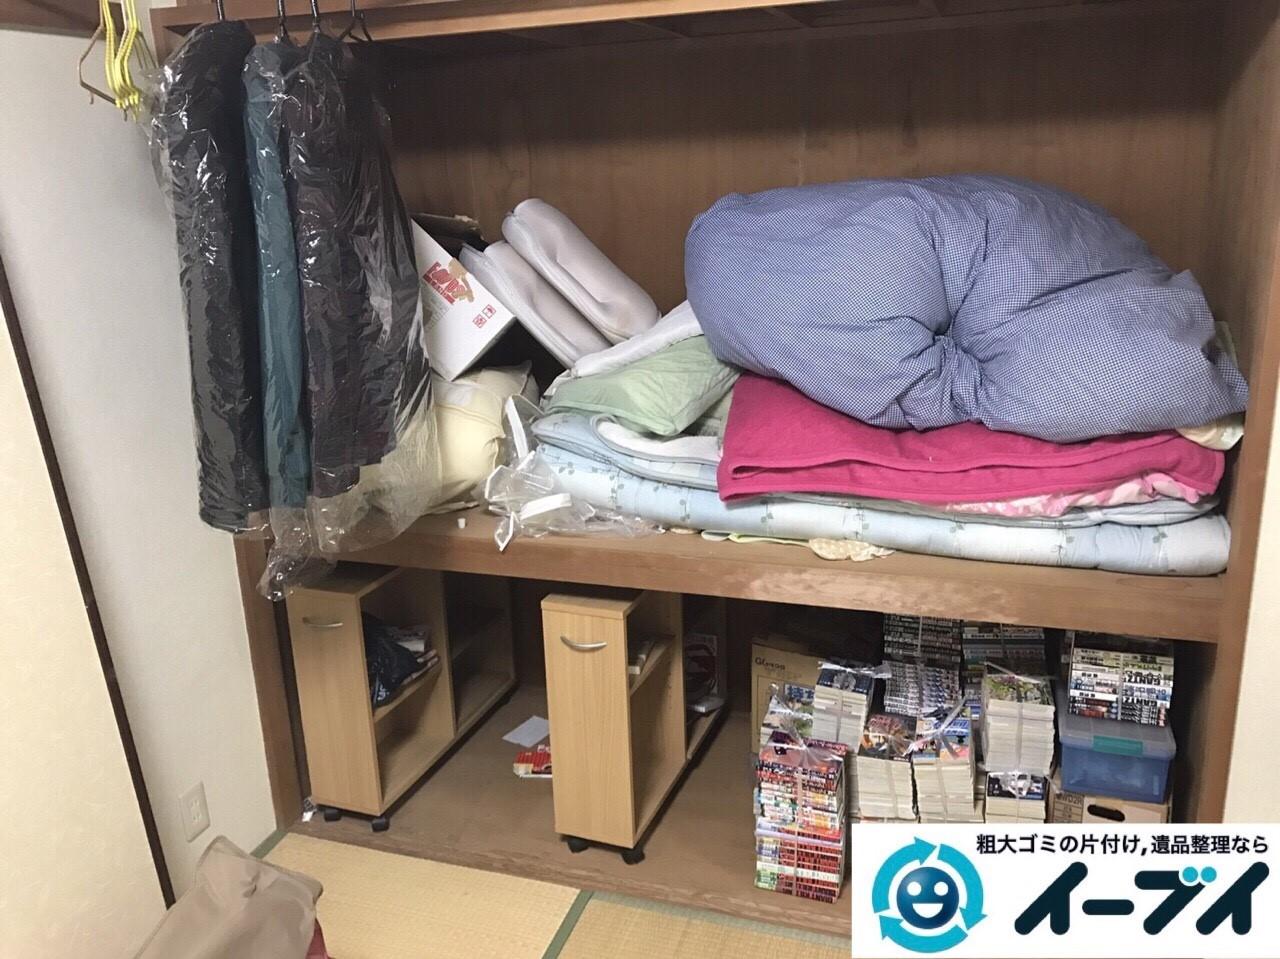 2017年8月11日大阪府枚方市で大掃除に伴い布団や洗濯機の粗大ゴミの不用品回収をしました。写真1